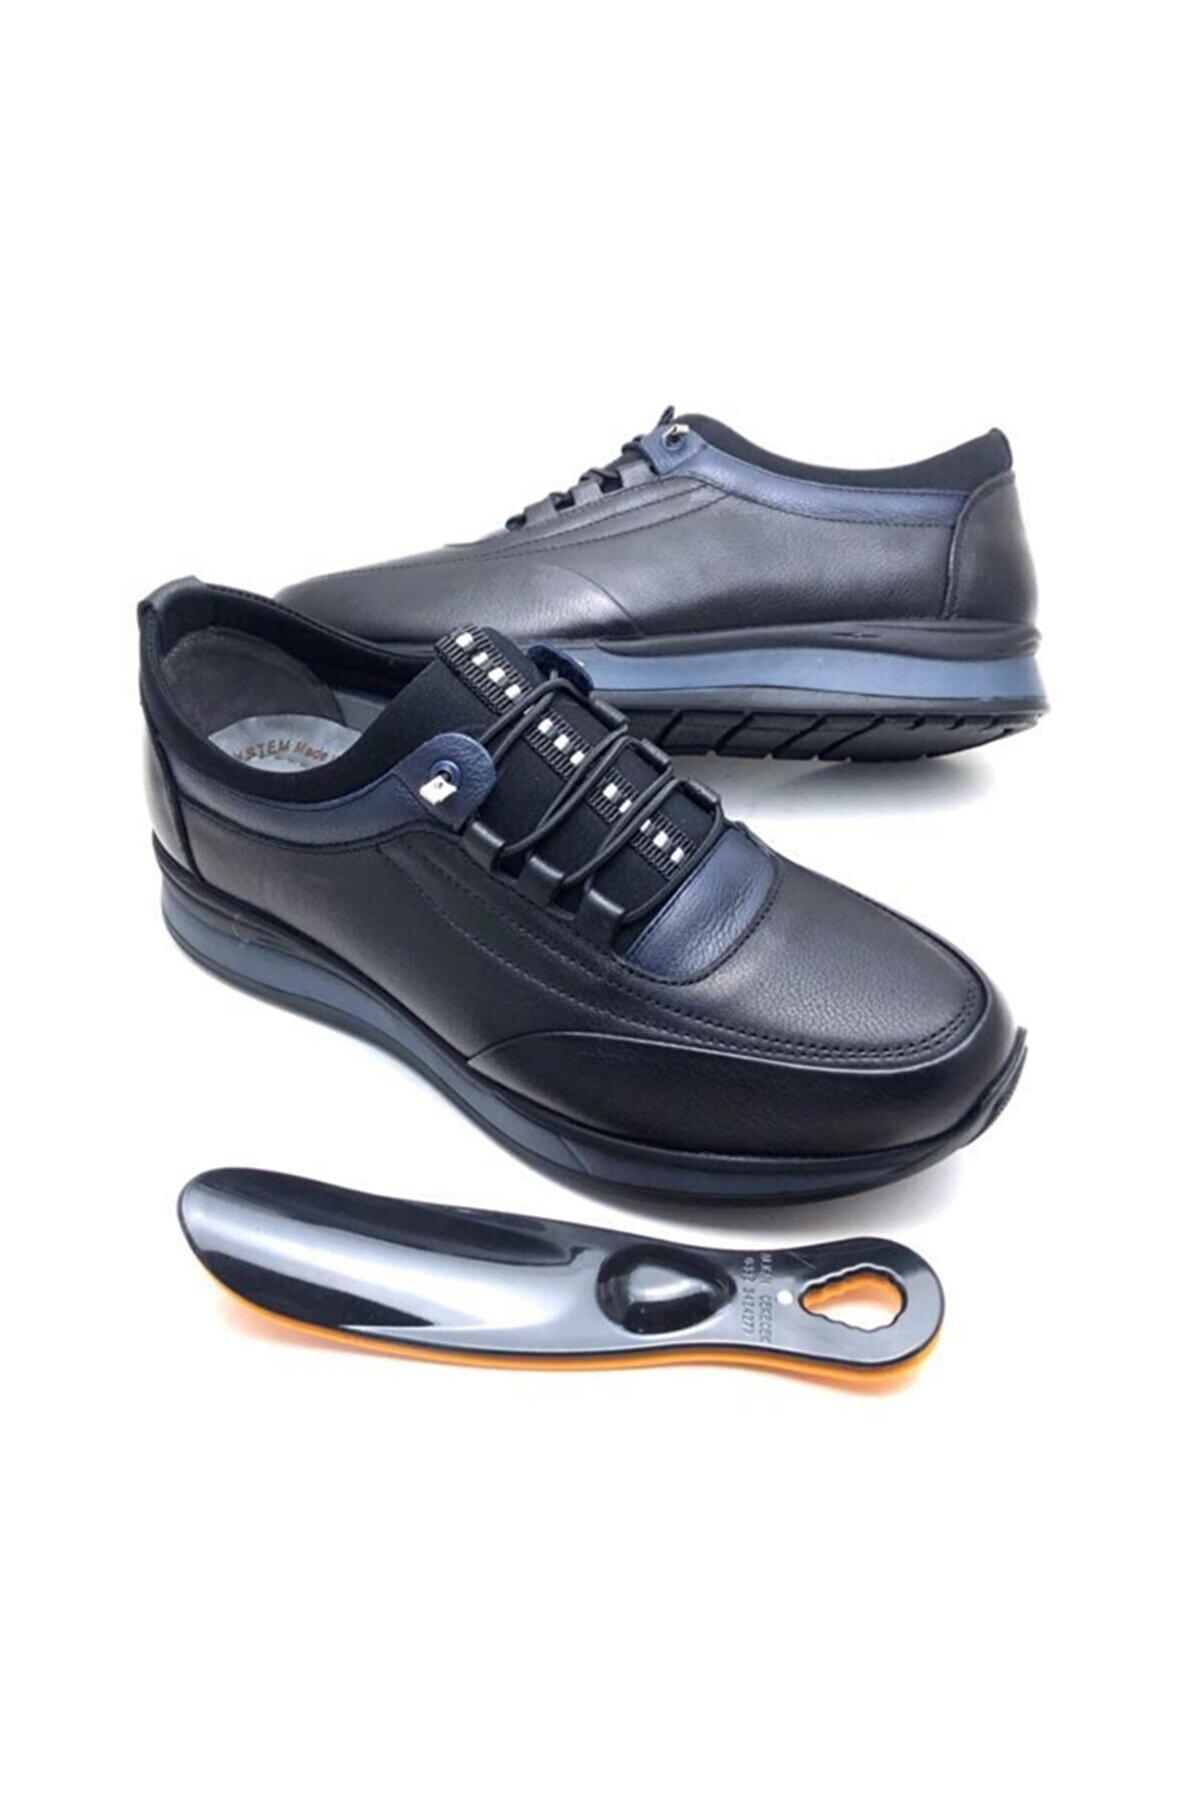 Derilax Hakiki Deri Tam Ortopedik Erkek Ayakkabı